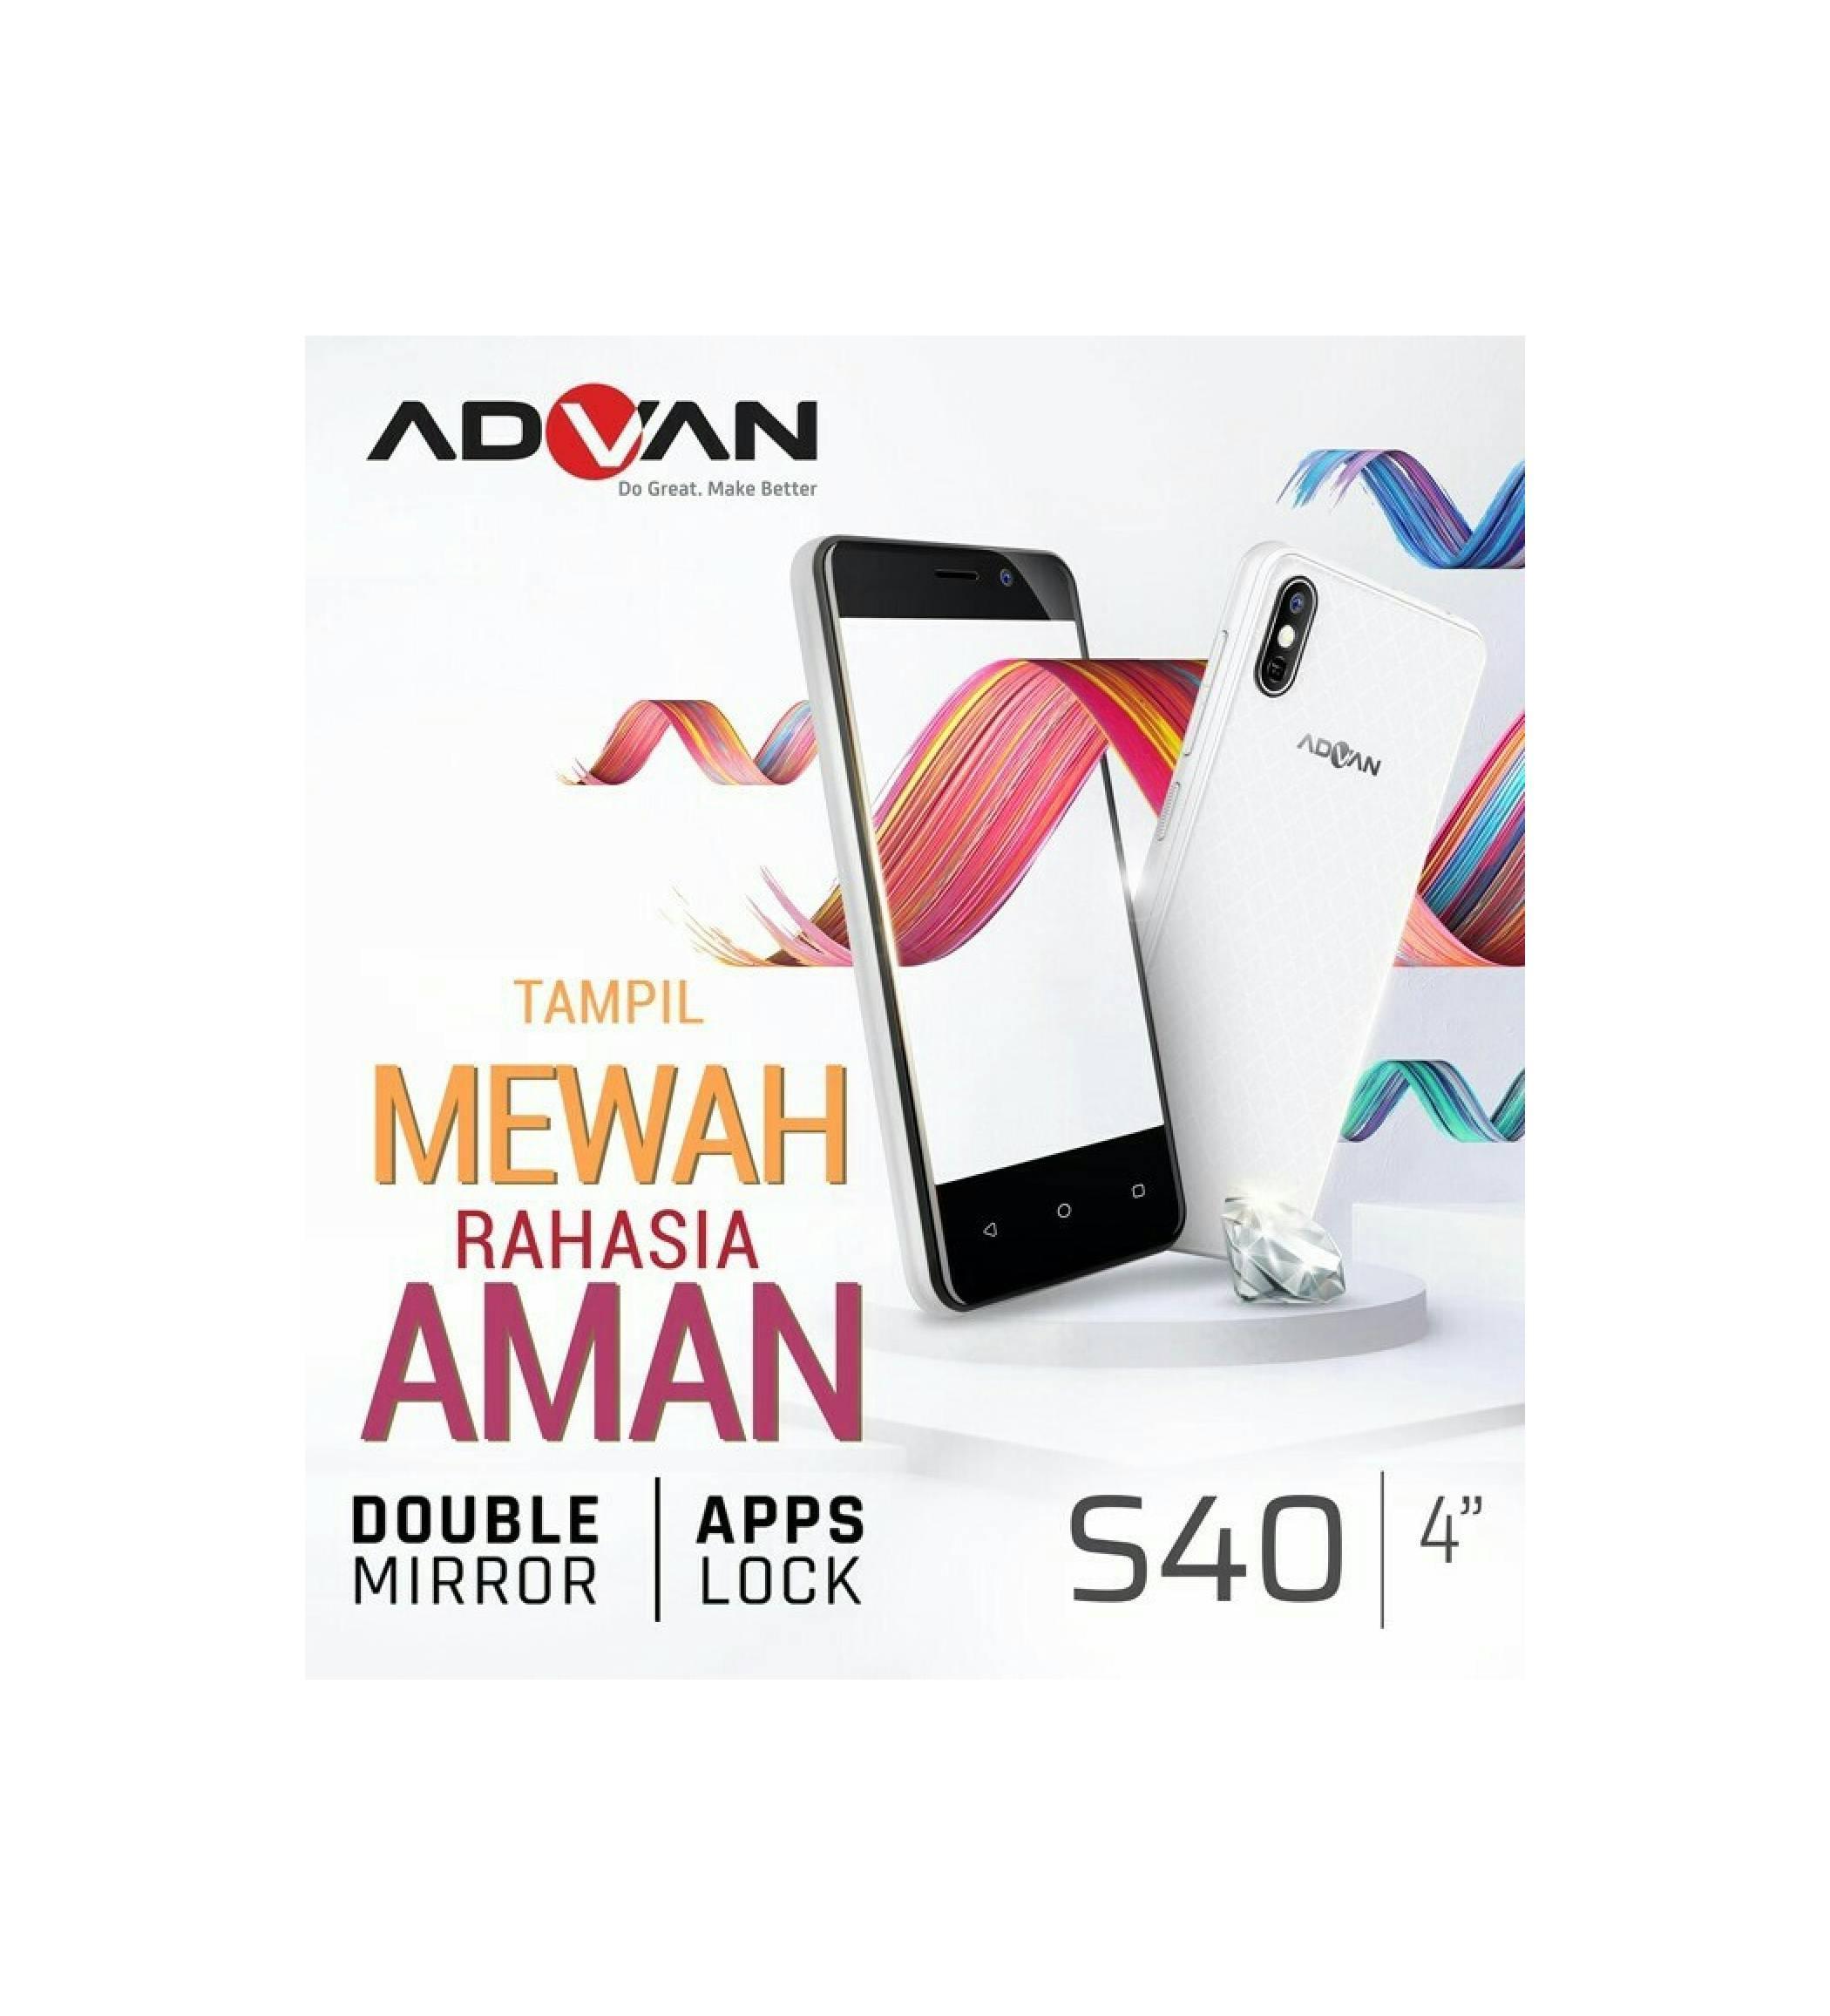 Jual Advan S40 Murah Garansi Dan Berkualitas Id Store Lcd S4x S4p Rp 872000